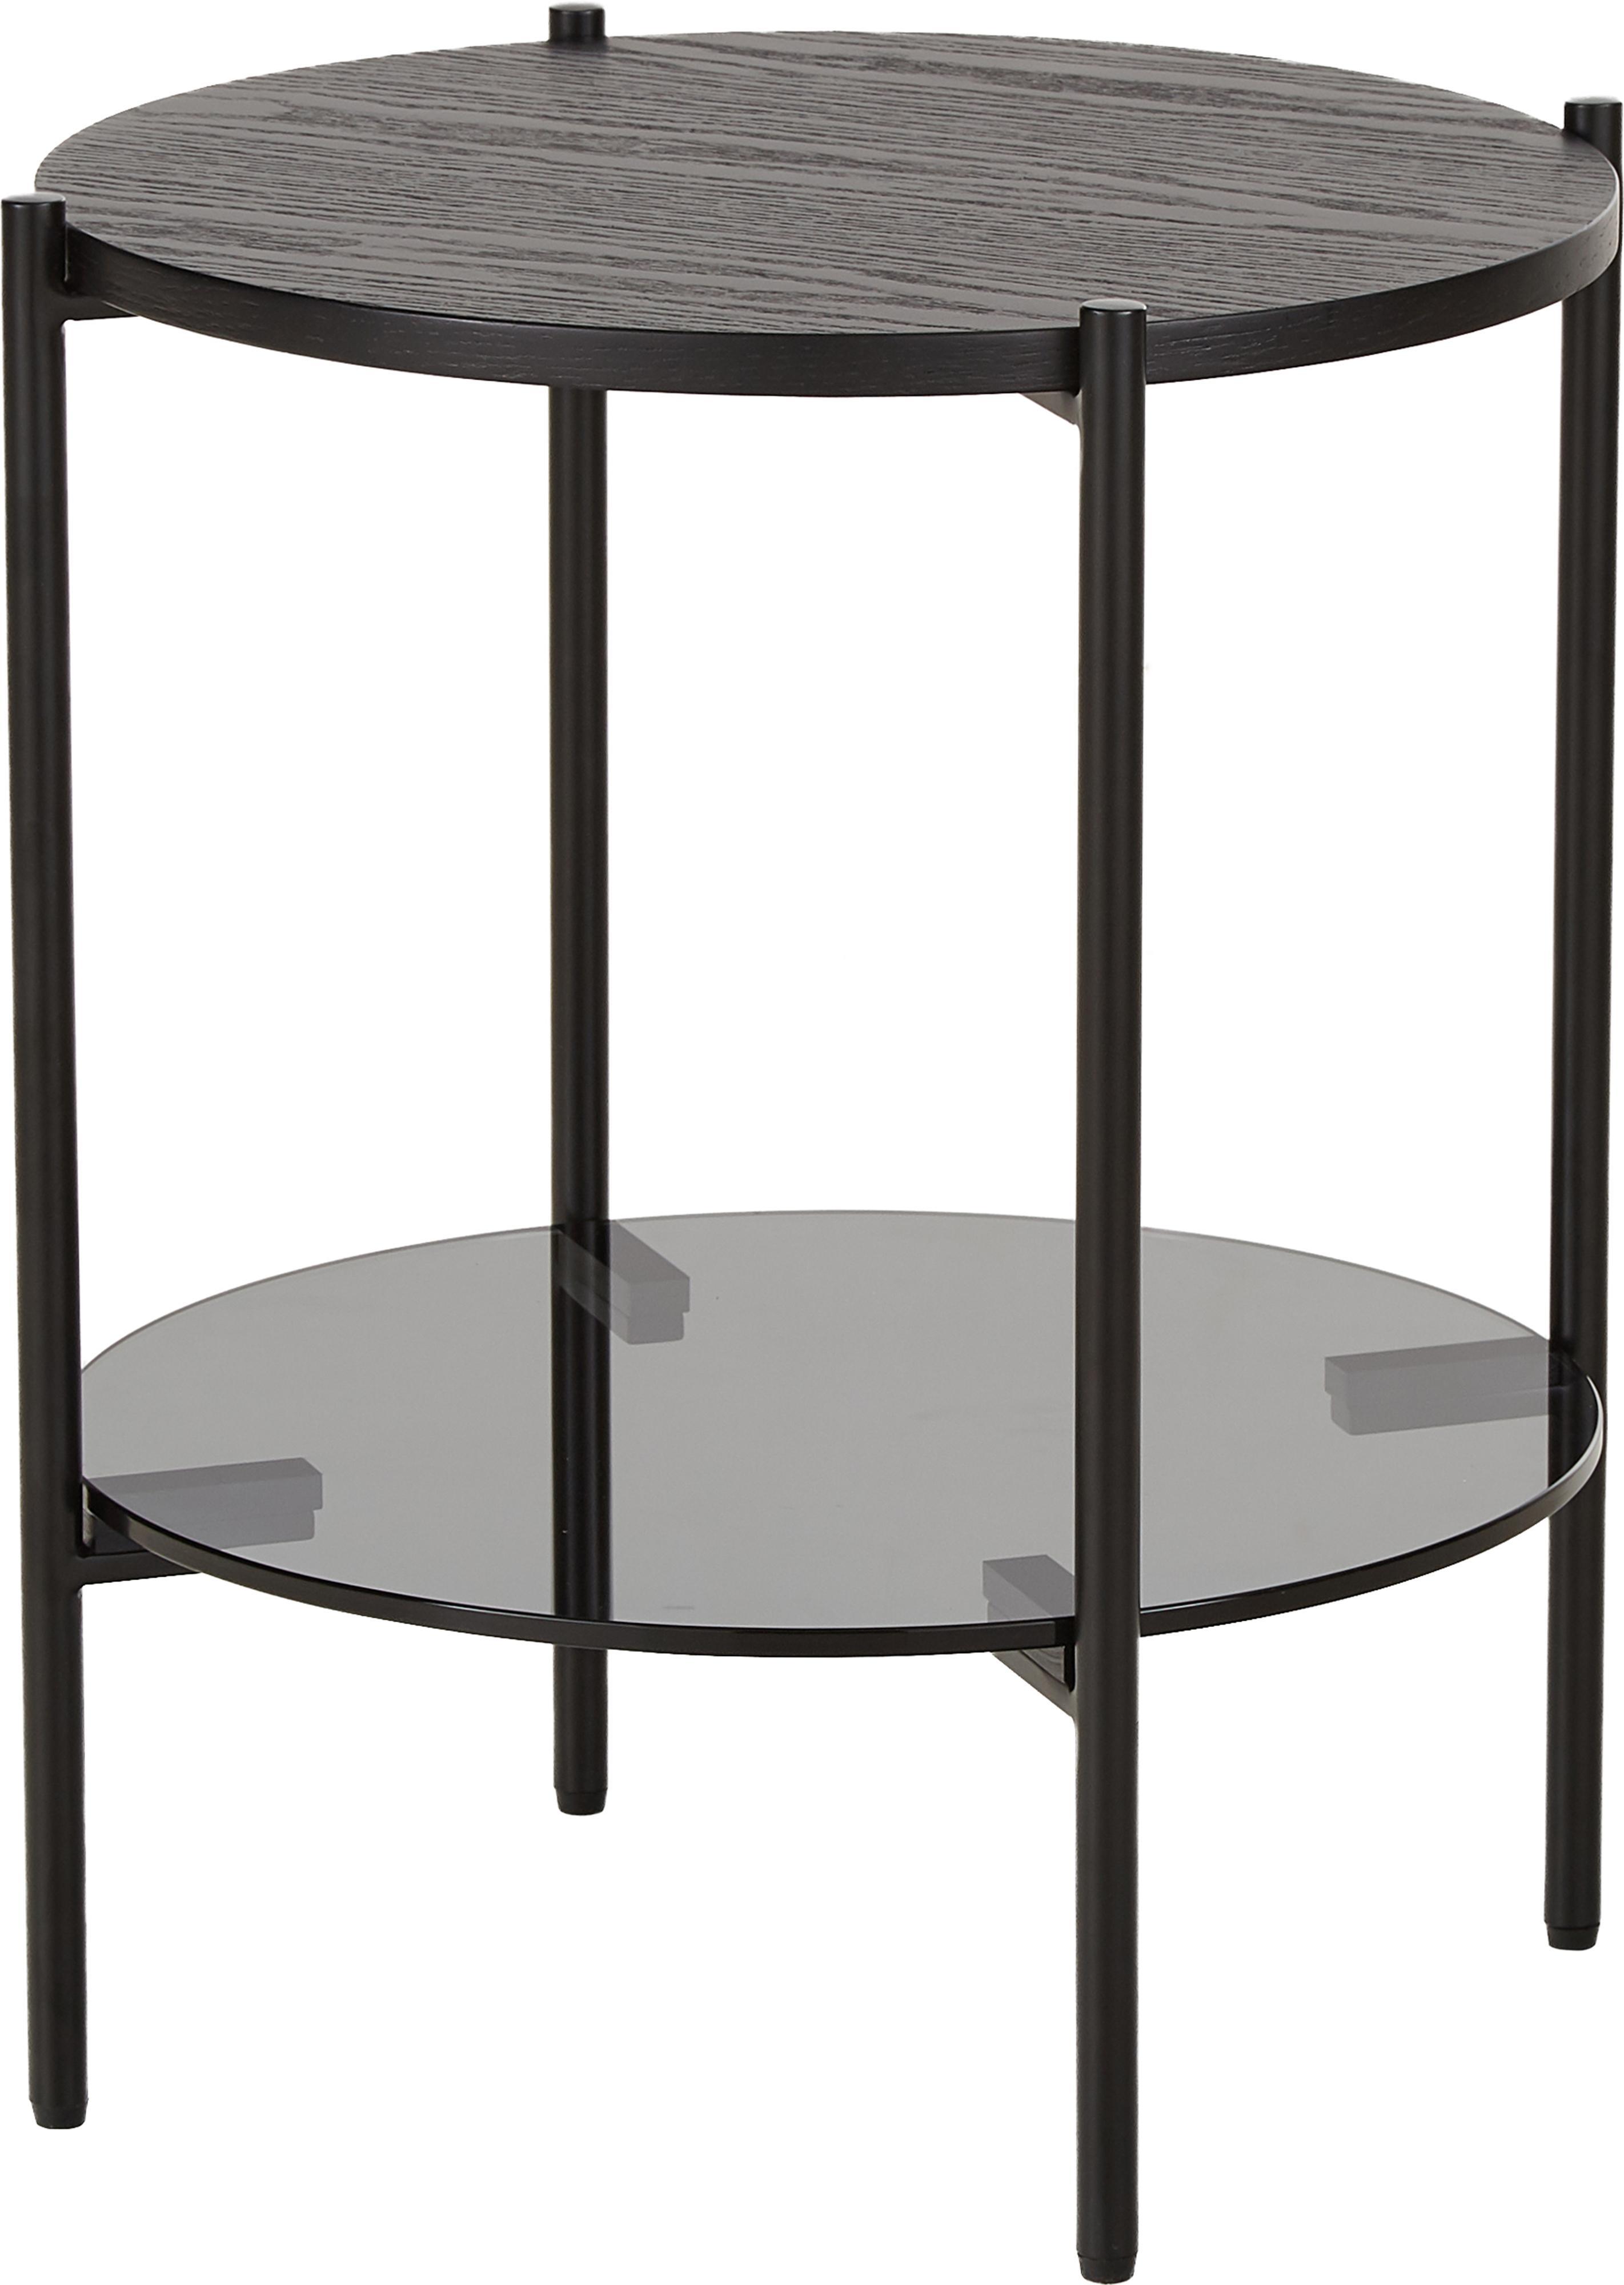 Beistelltisch Valentina mit Glasplatte, Tischplatte: Glas, Ablagefläche: Mitteldichte Holzfaserpla, Gestell: Metall, pulverbeschichtet, Schwarz, Ø 44 x H 50 cm